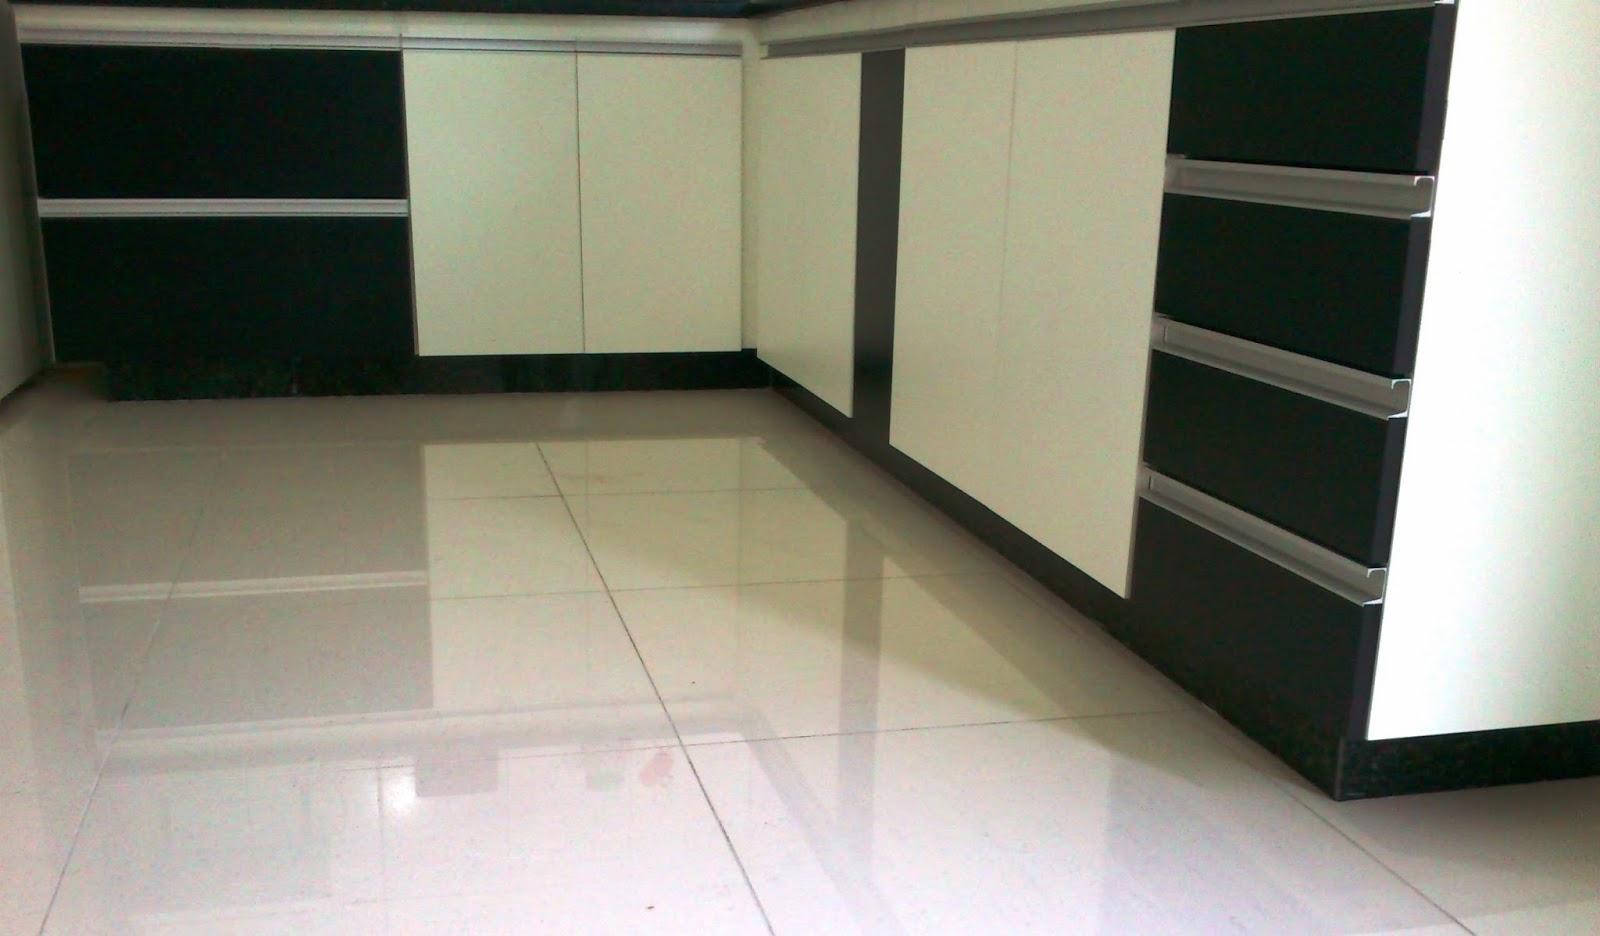 Armário para Cozinha (Padrão Branco e Preto) Portas e Frentes de  #776C54 1600x936